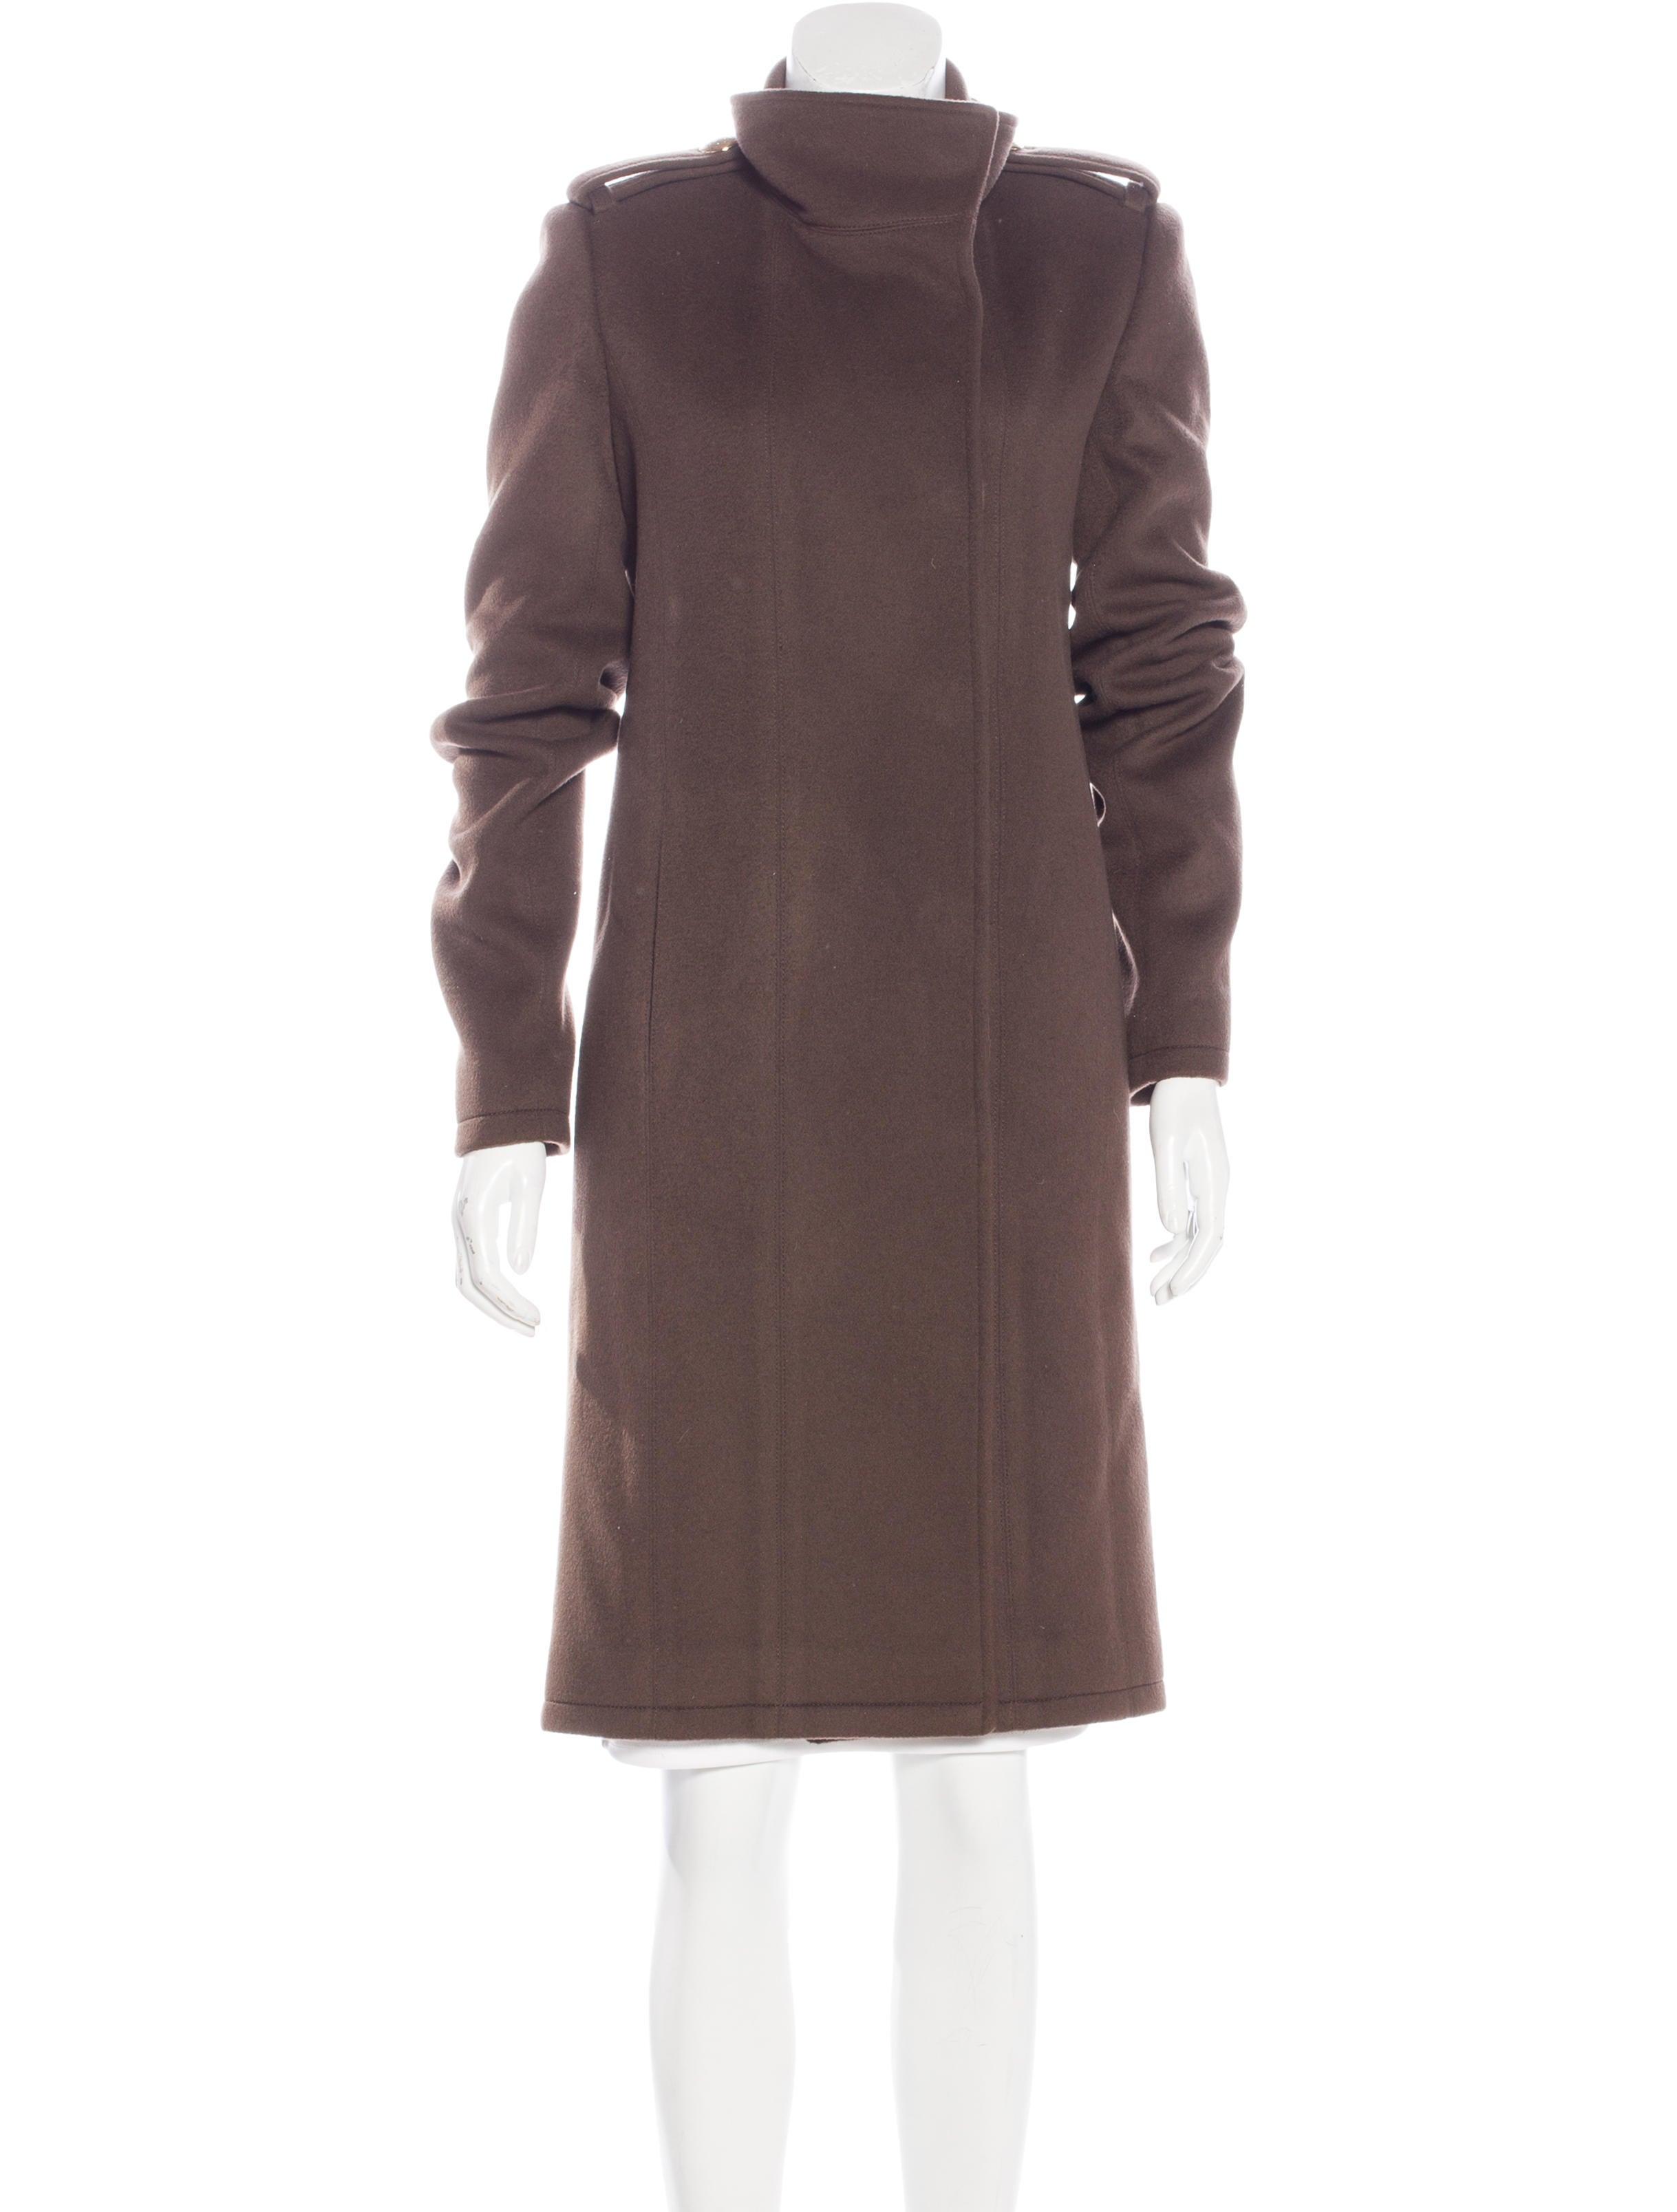 Thomas Wylde Wool Knee Length Coat Clothing Thm27350